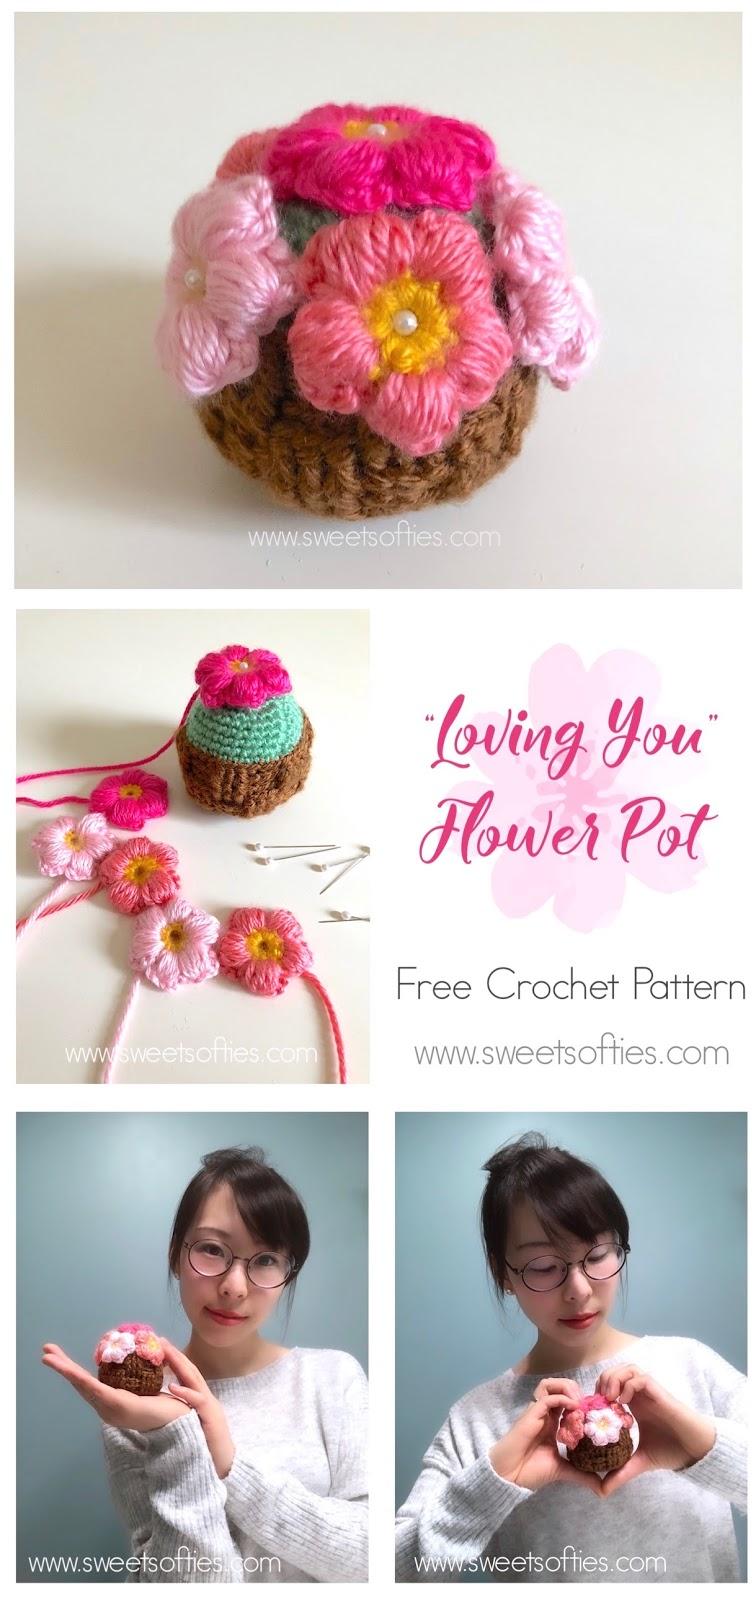 Loving You Flower Pot Free Crochet Pattern Sweet Softies